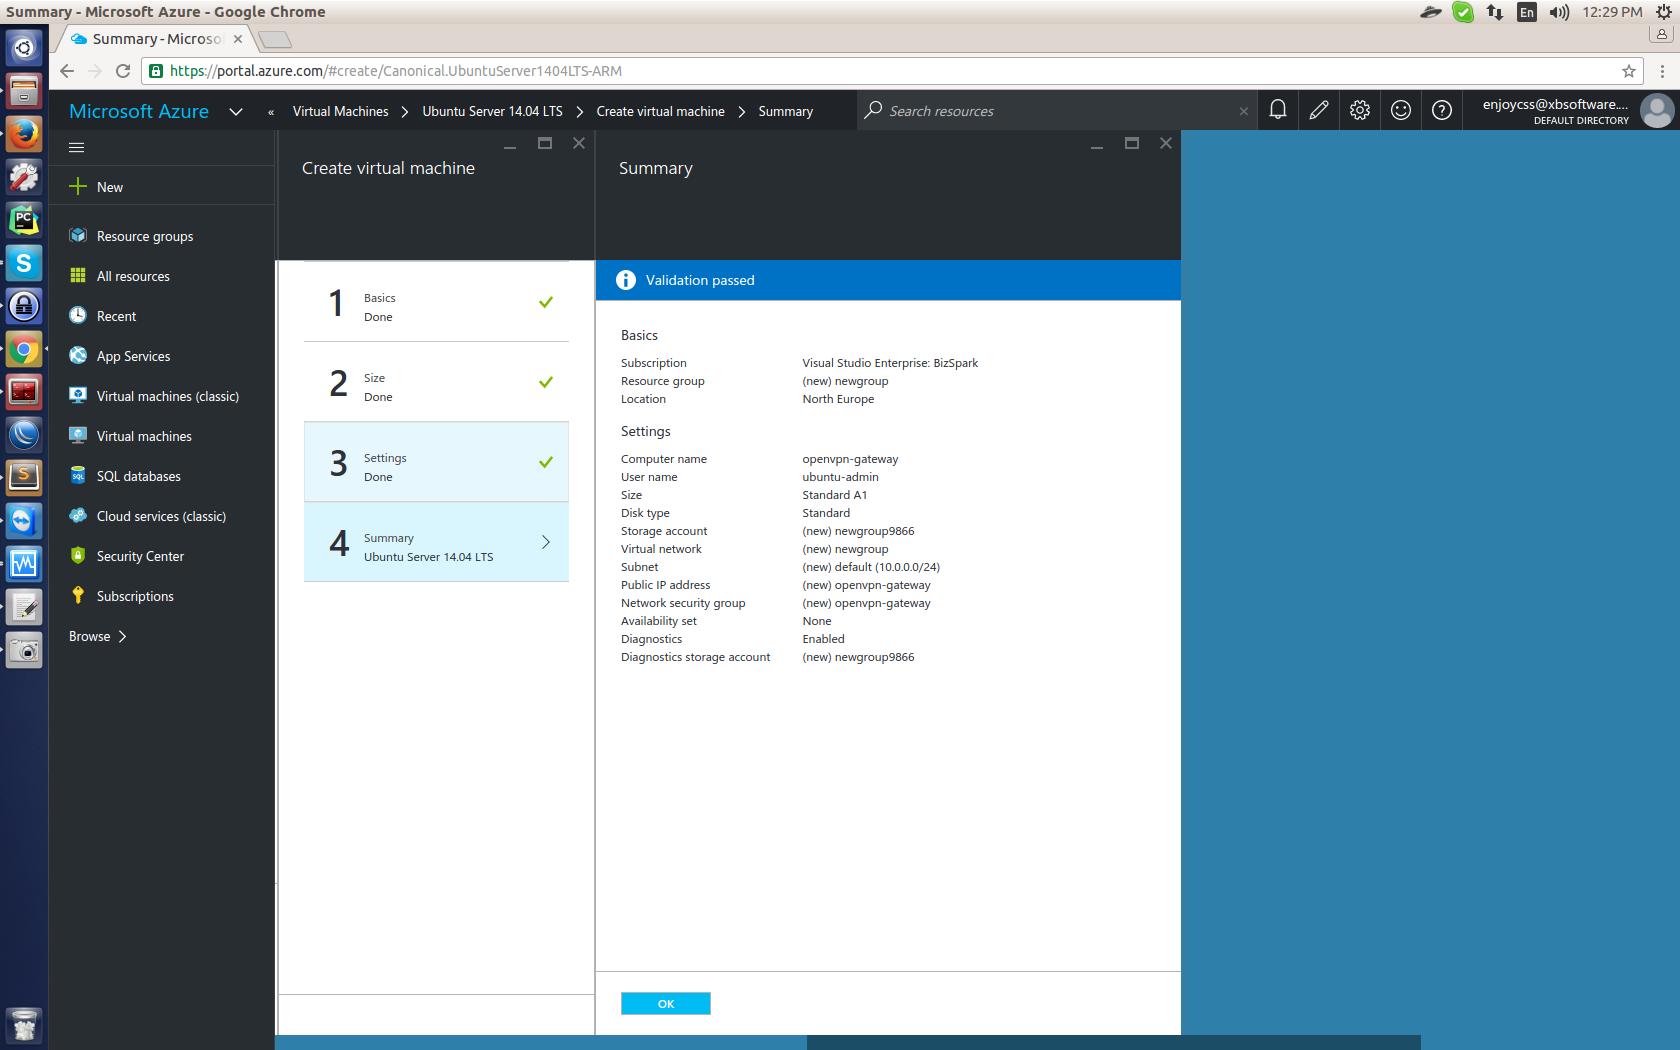 OpenVPN в Microsoft Azure для виртуального объединения подписок. Опыт GanttPRO — сервиса для управления проектами - 6